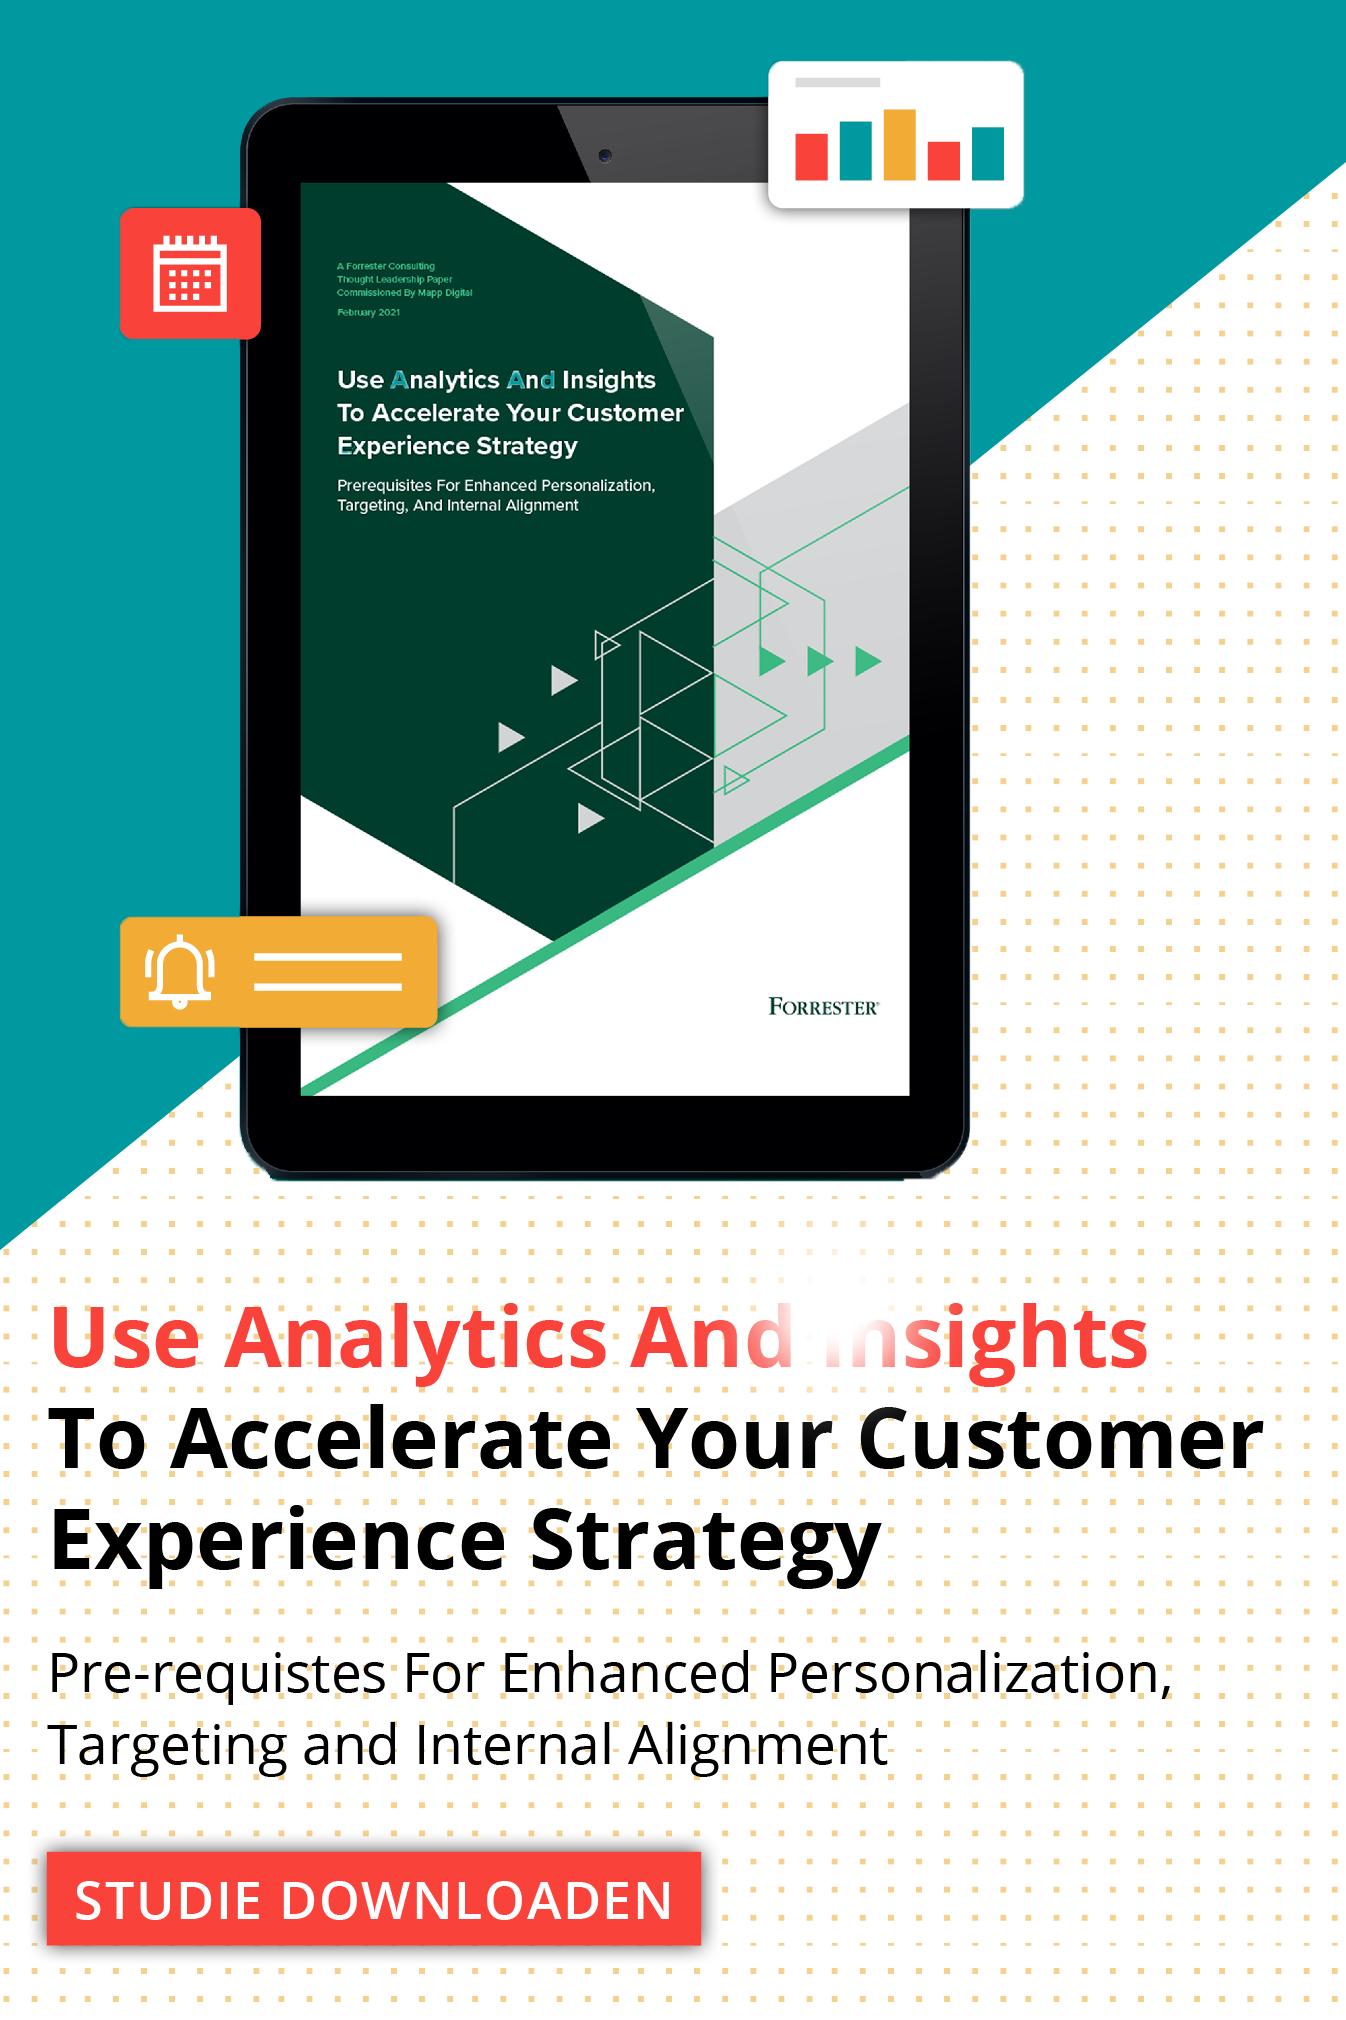 Customer Experience verbessern - worauf kommt es an?